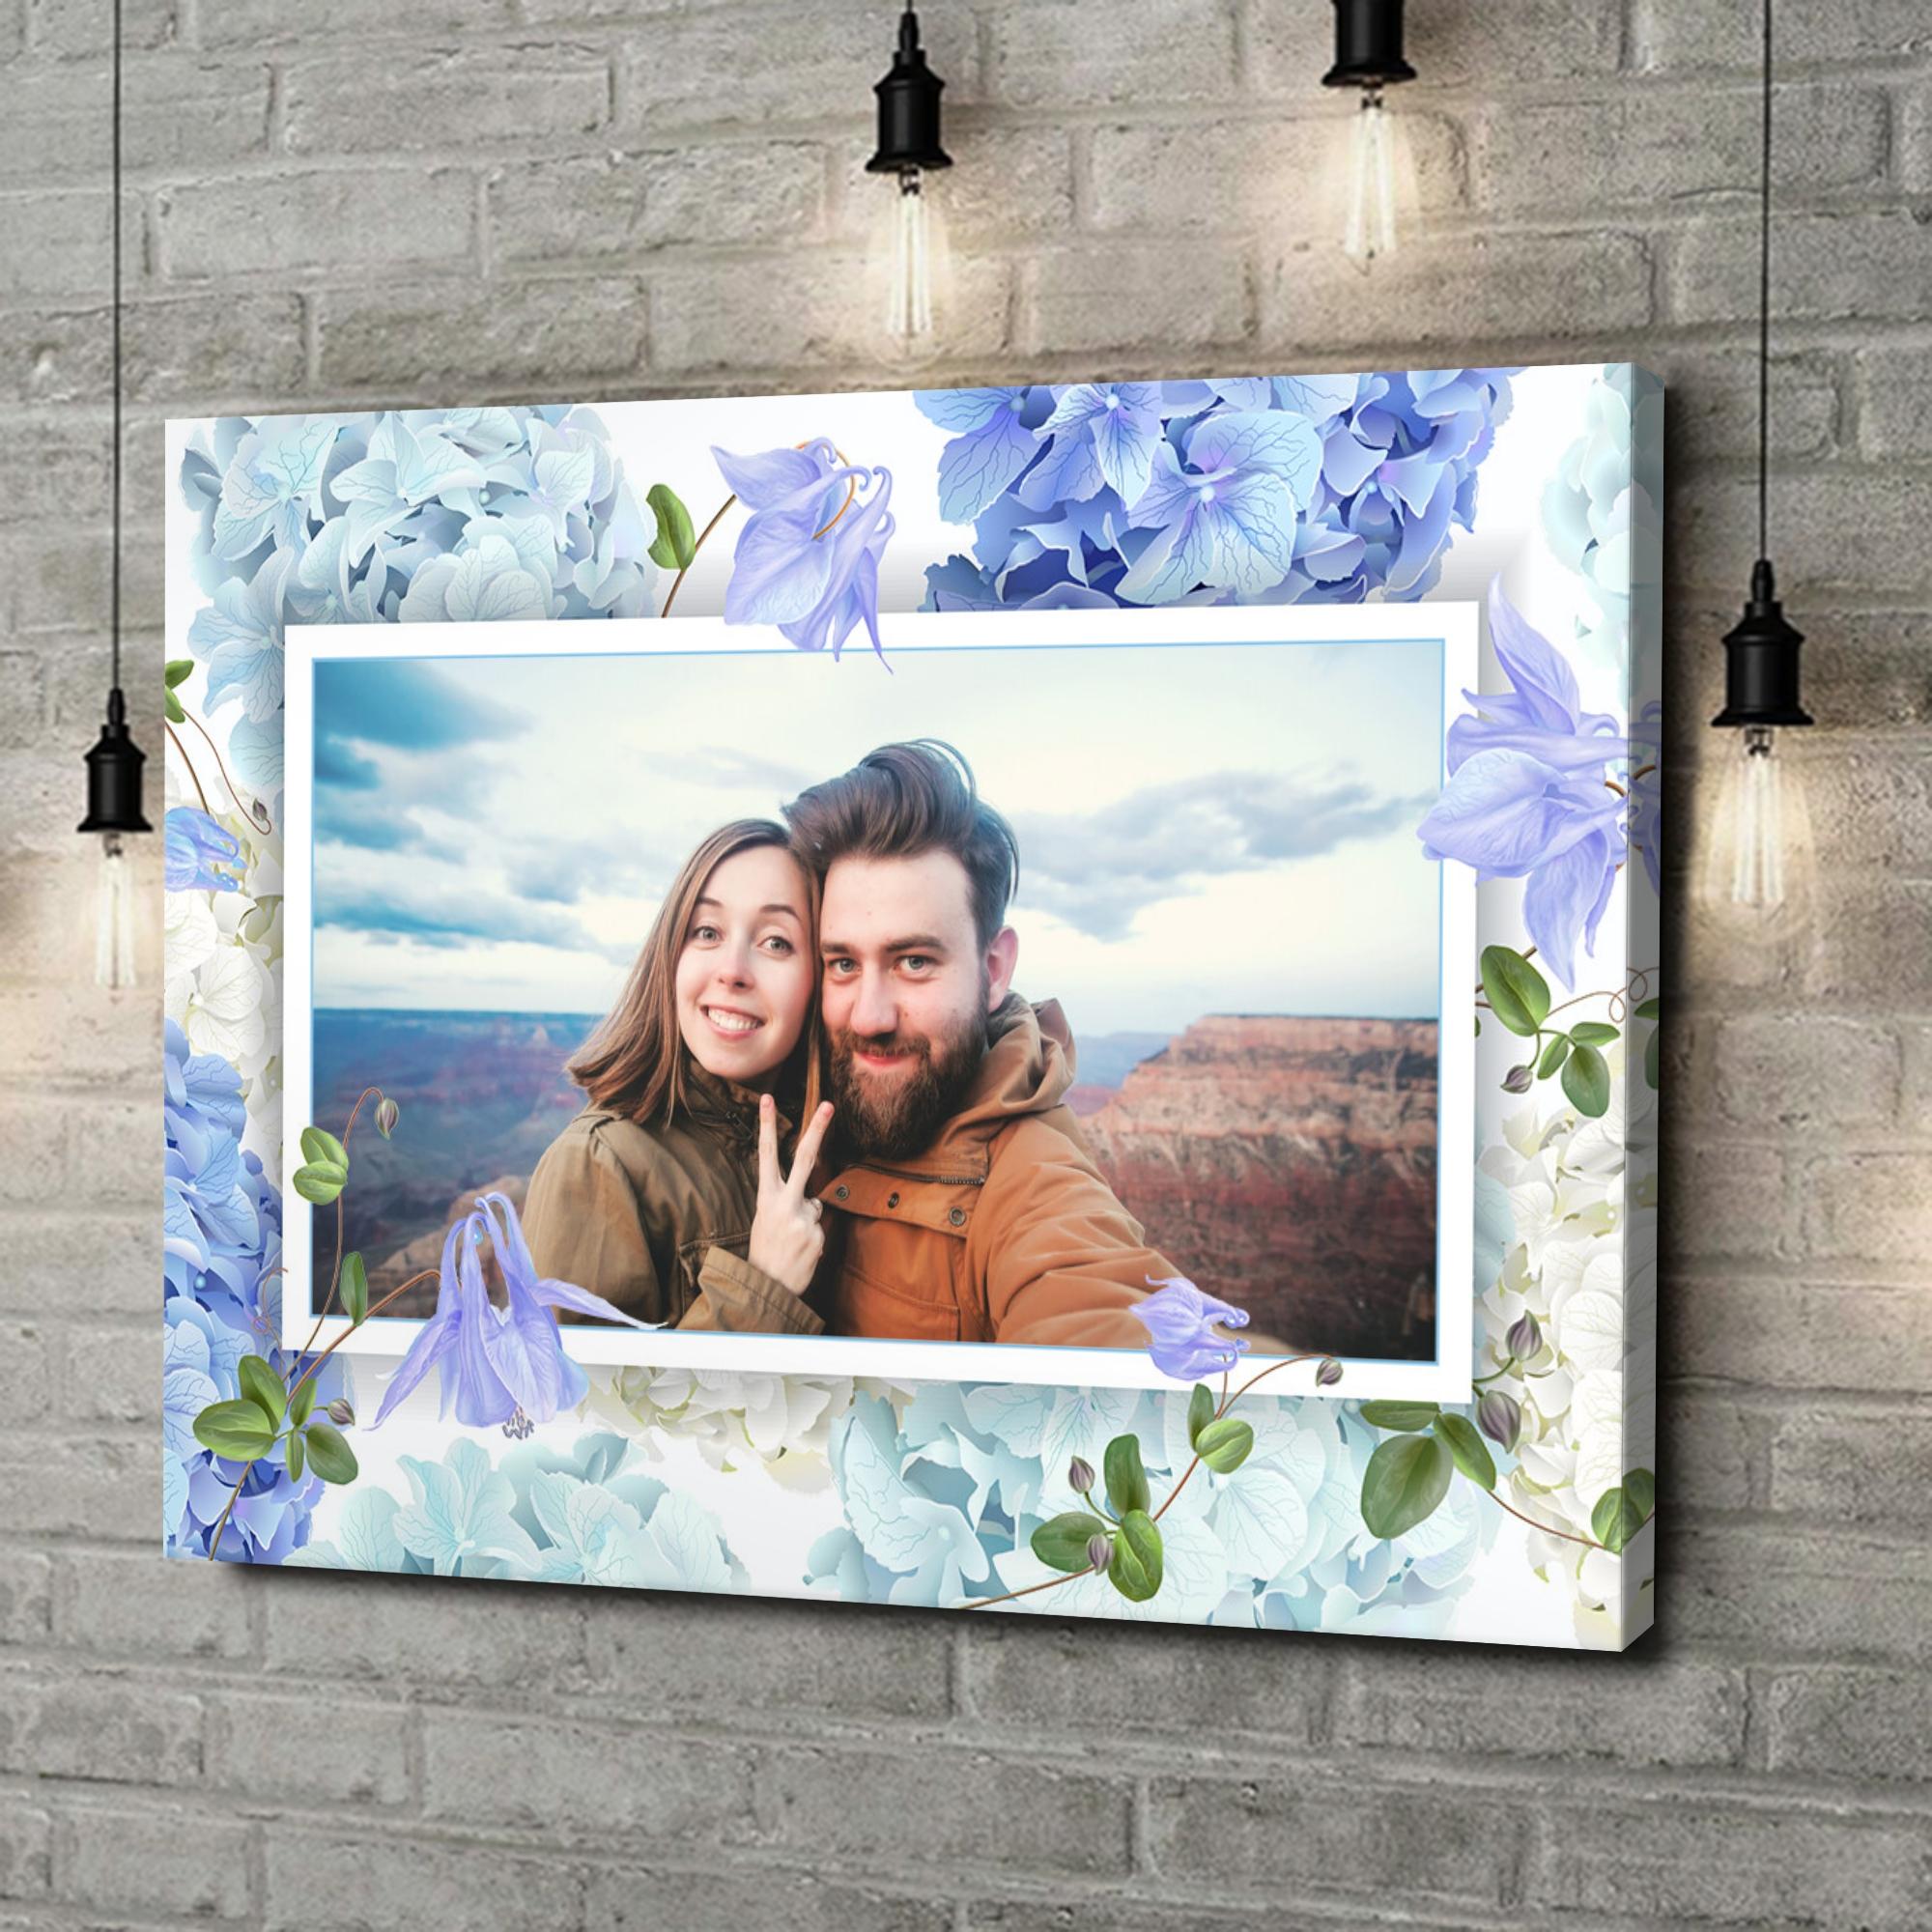 Leinwandbild personalisiert Hintergrund: Blütentraum